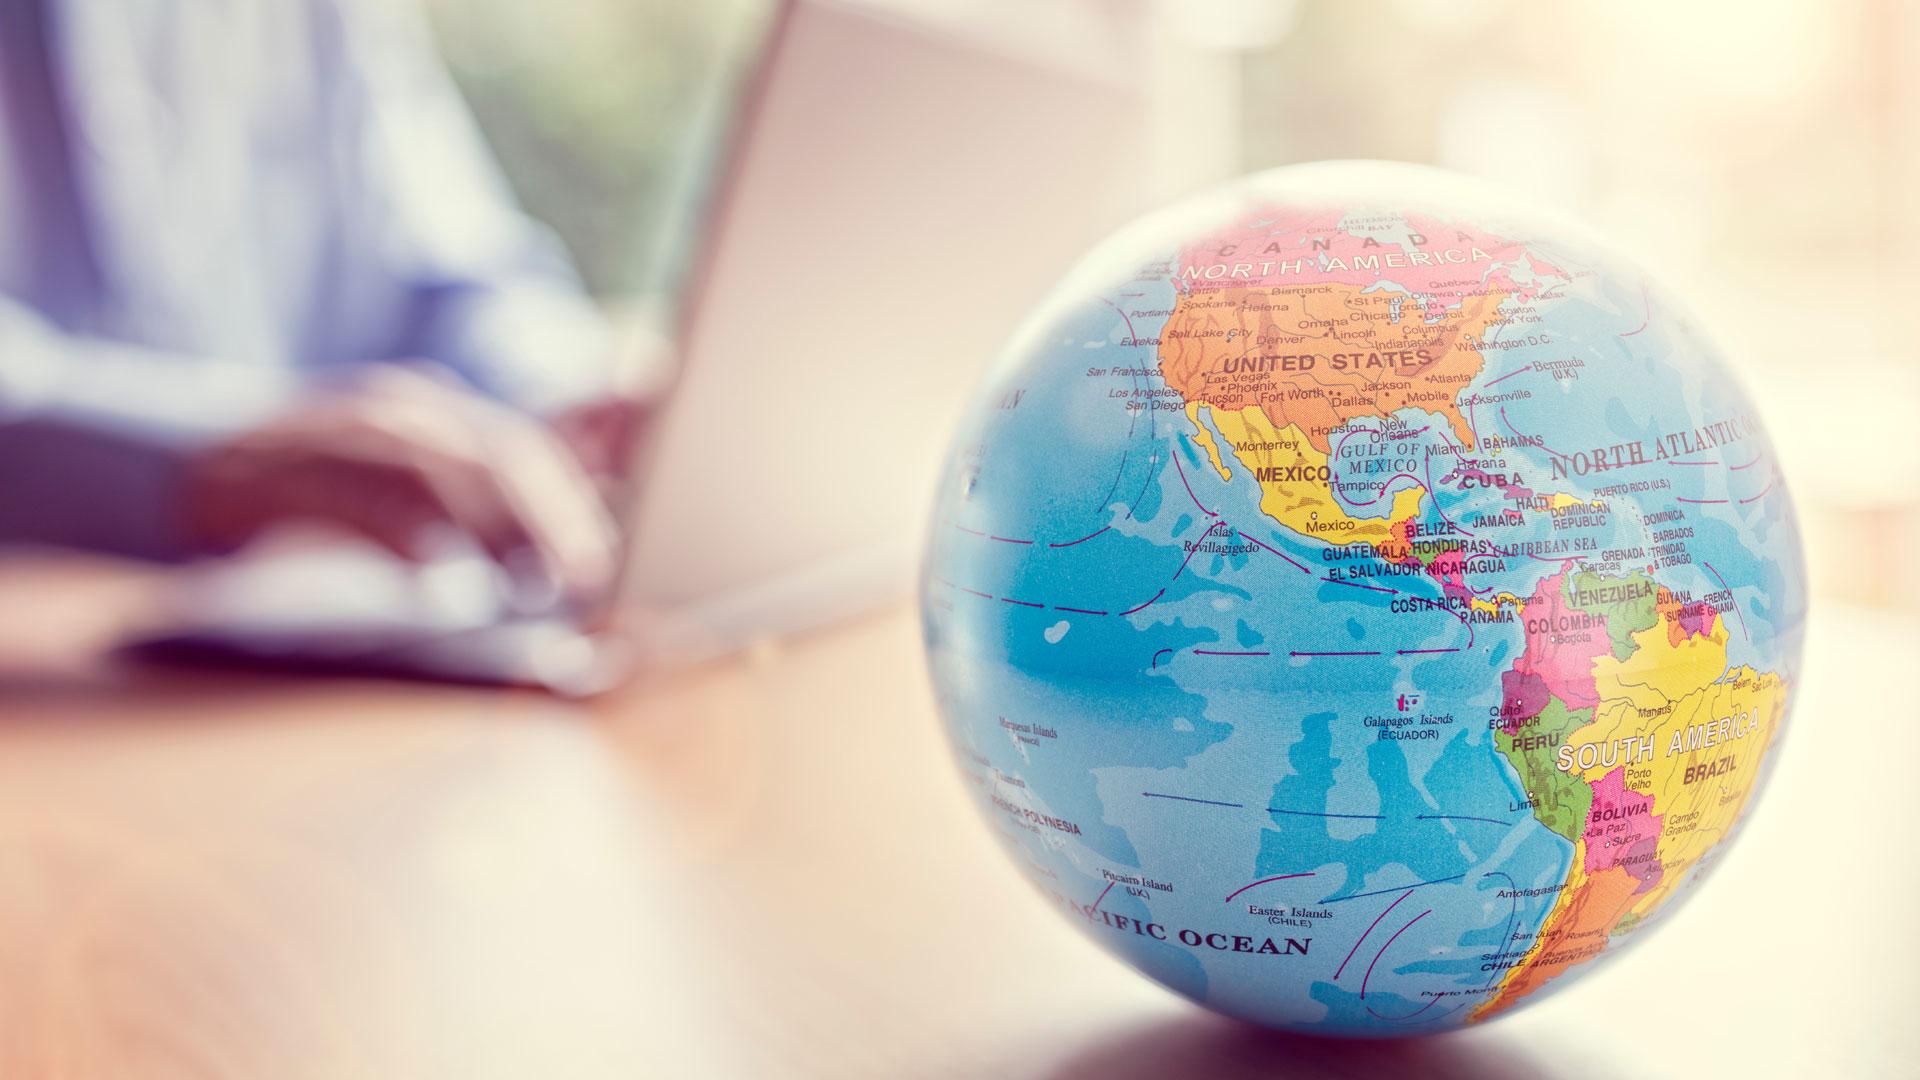 El 72% de los internautas que preparan un viaje termina comprando por internet y contratando servicios relacionados con sus viajes por la web (istock)